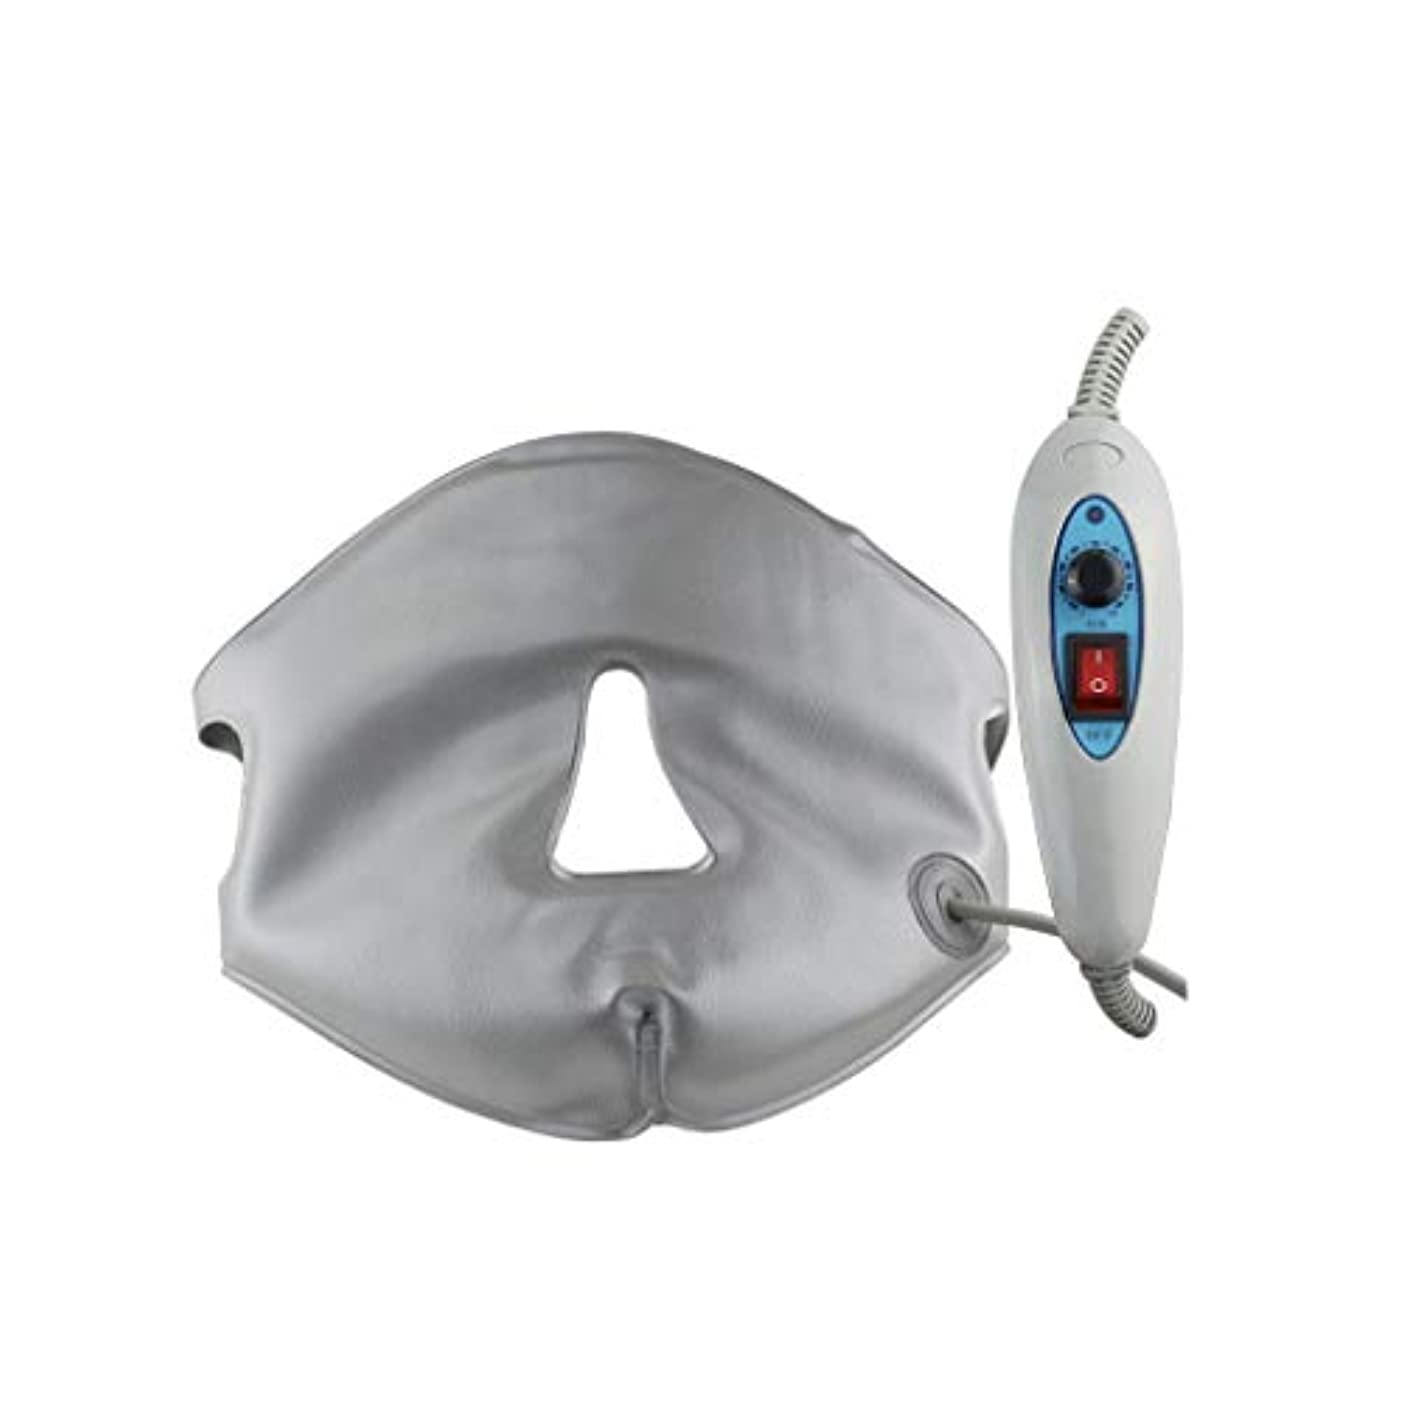 伴うアクセサリー十分なXHLMRMJ フェイスリフティングマスク、フェイシャルスリミング、遠赤外線ホワイトニングと若返りホットコンプレス、フェイシャルマッサージ、ハイドレーティングVフェイスマスク、美容機器